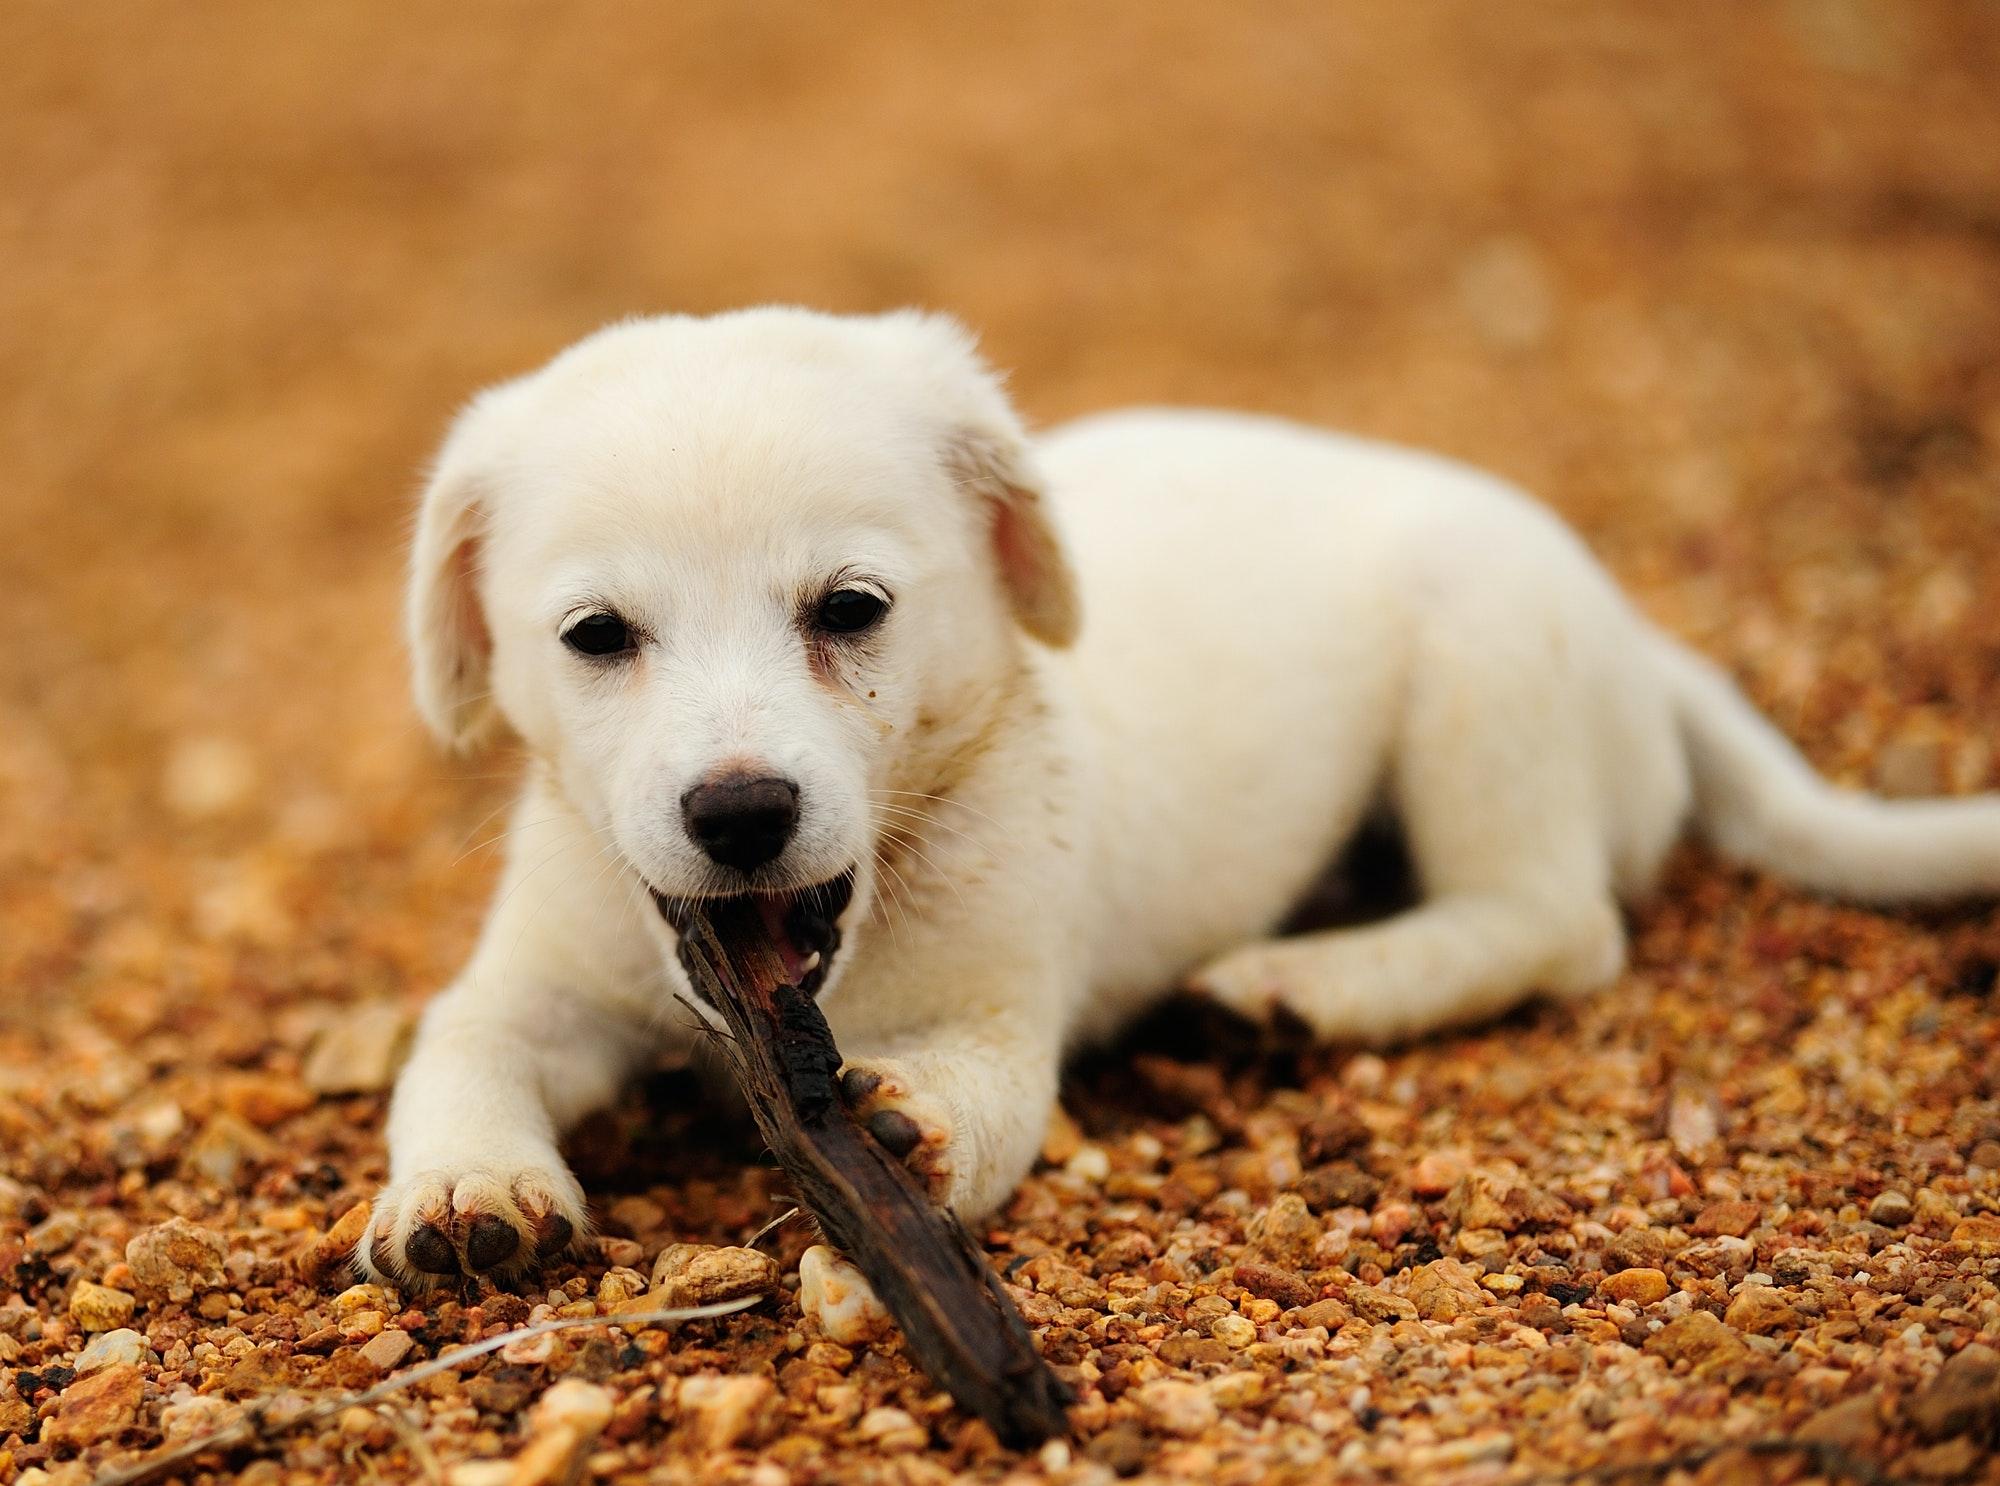 Hunde-Liv tilbyder hvalpetræning og hundetræning Vedbæk og Rundsted, i dit lokale område